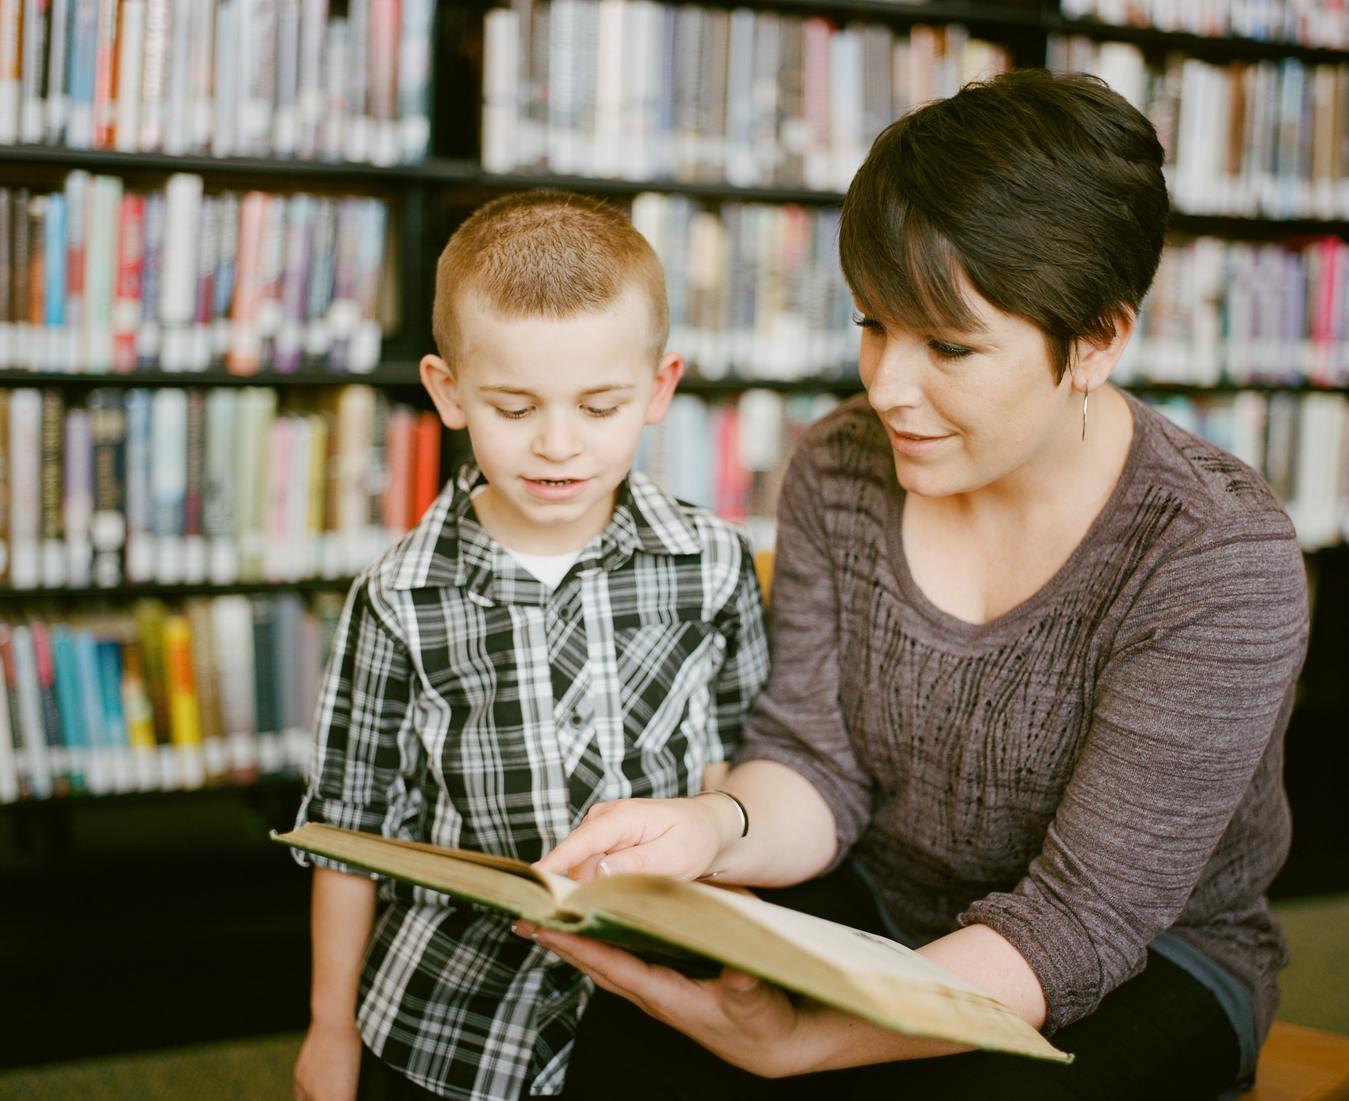 Volwassene die een kind met een boek onderwijst